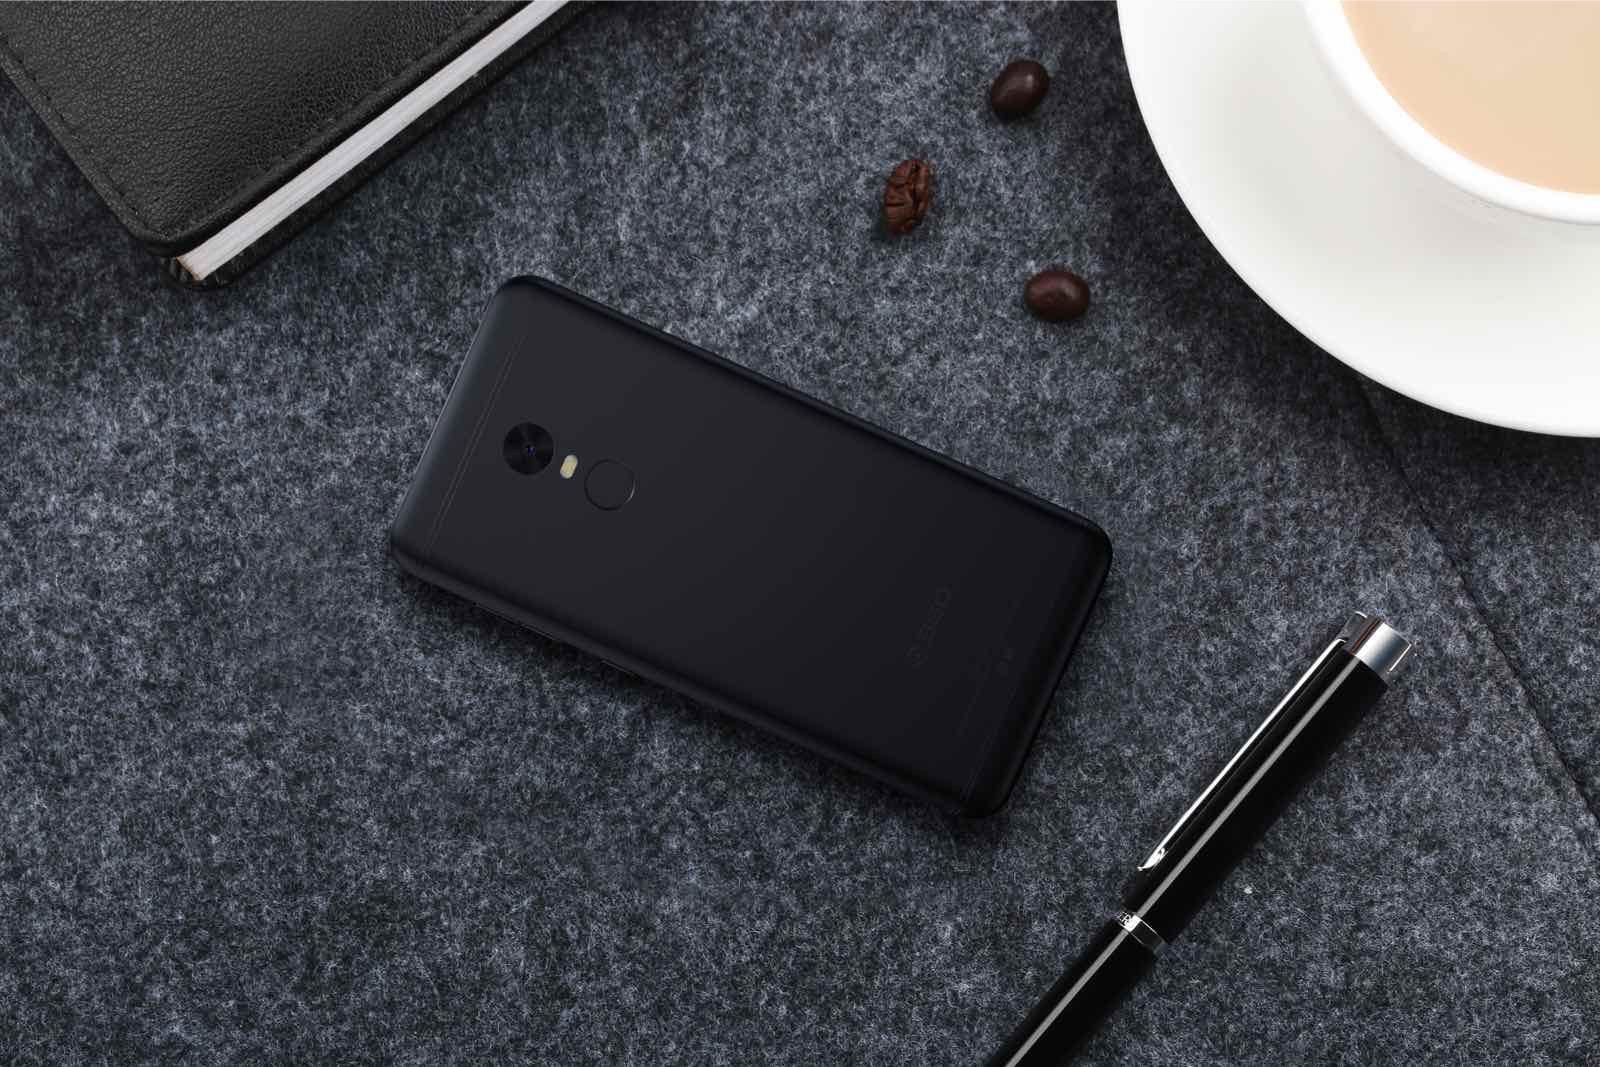 更高颜值三天一充! 360手机N6燧石黑版明日10时开售